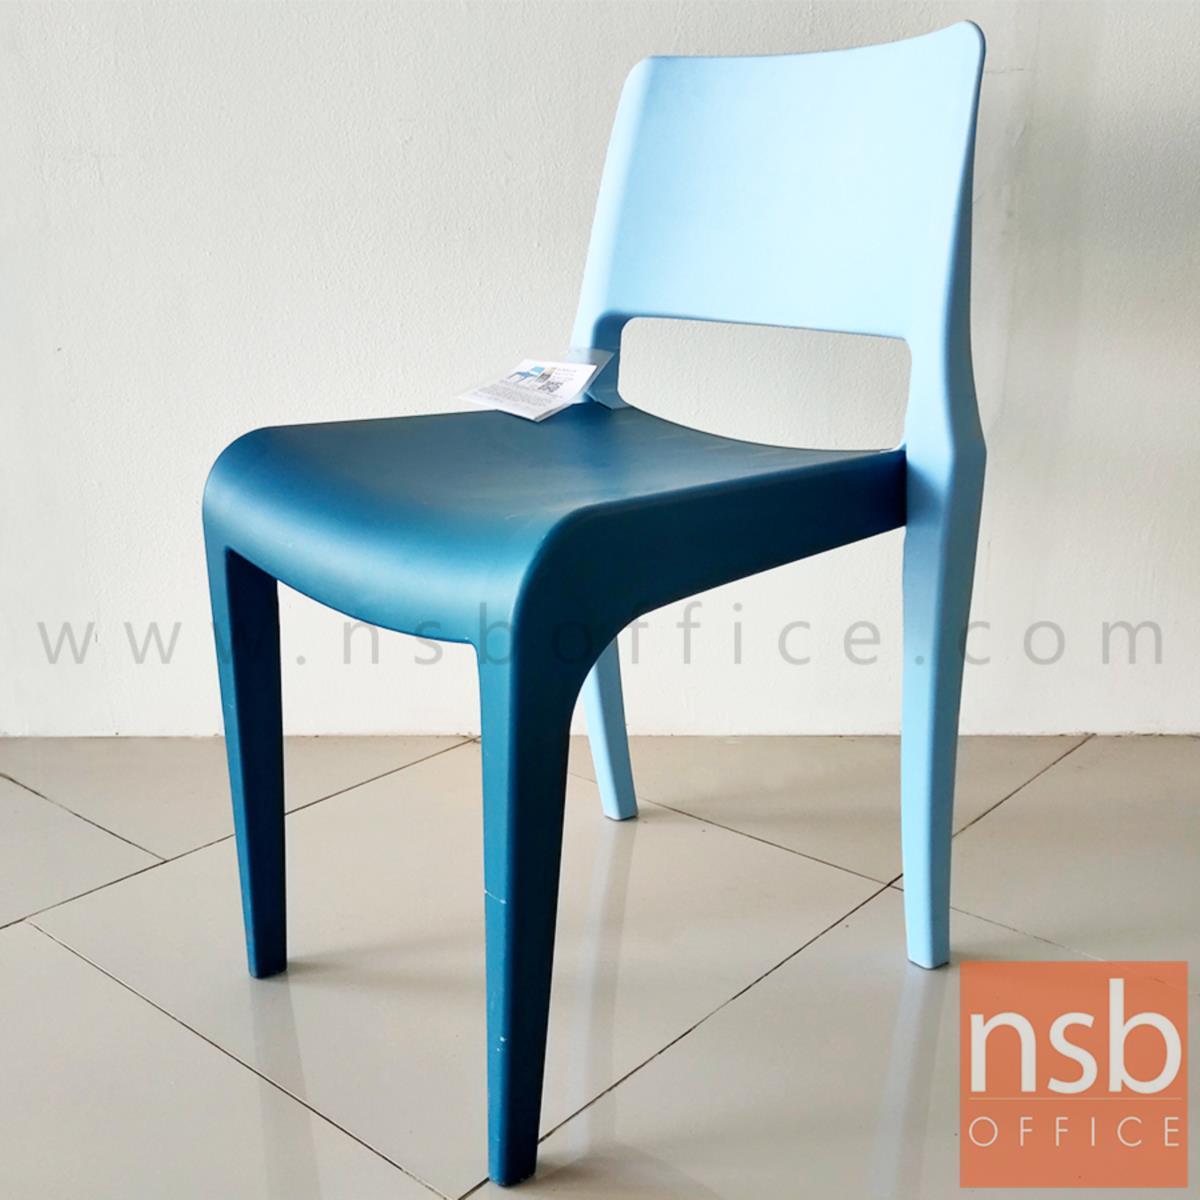 เก้าอี้โมเดิร์นพลาสติกล้วน(PP)สีสันทูโทน รุ่น PON-PN9132/1  ขนาด 48W cm.